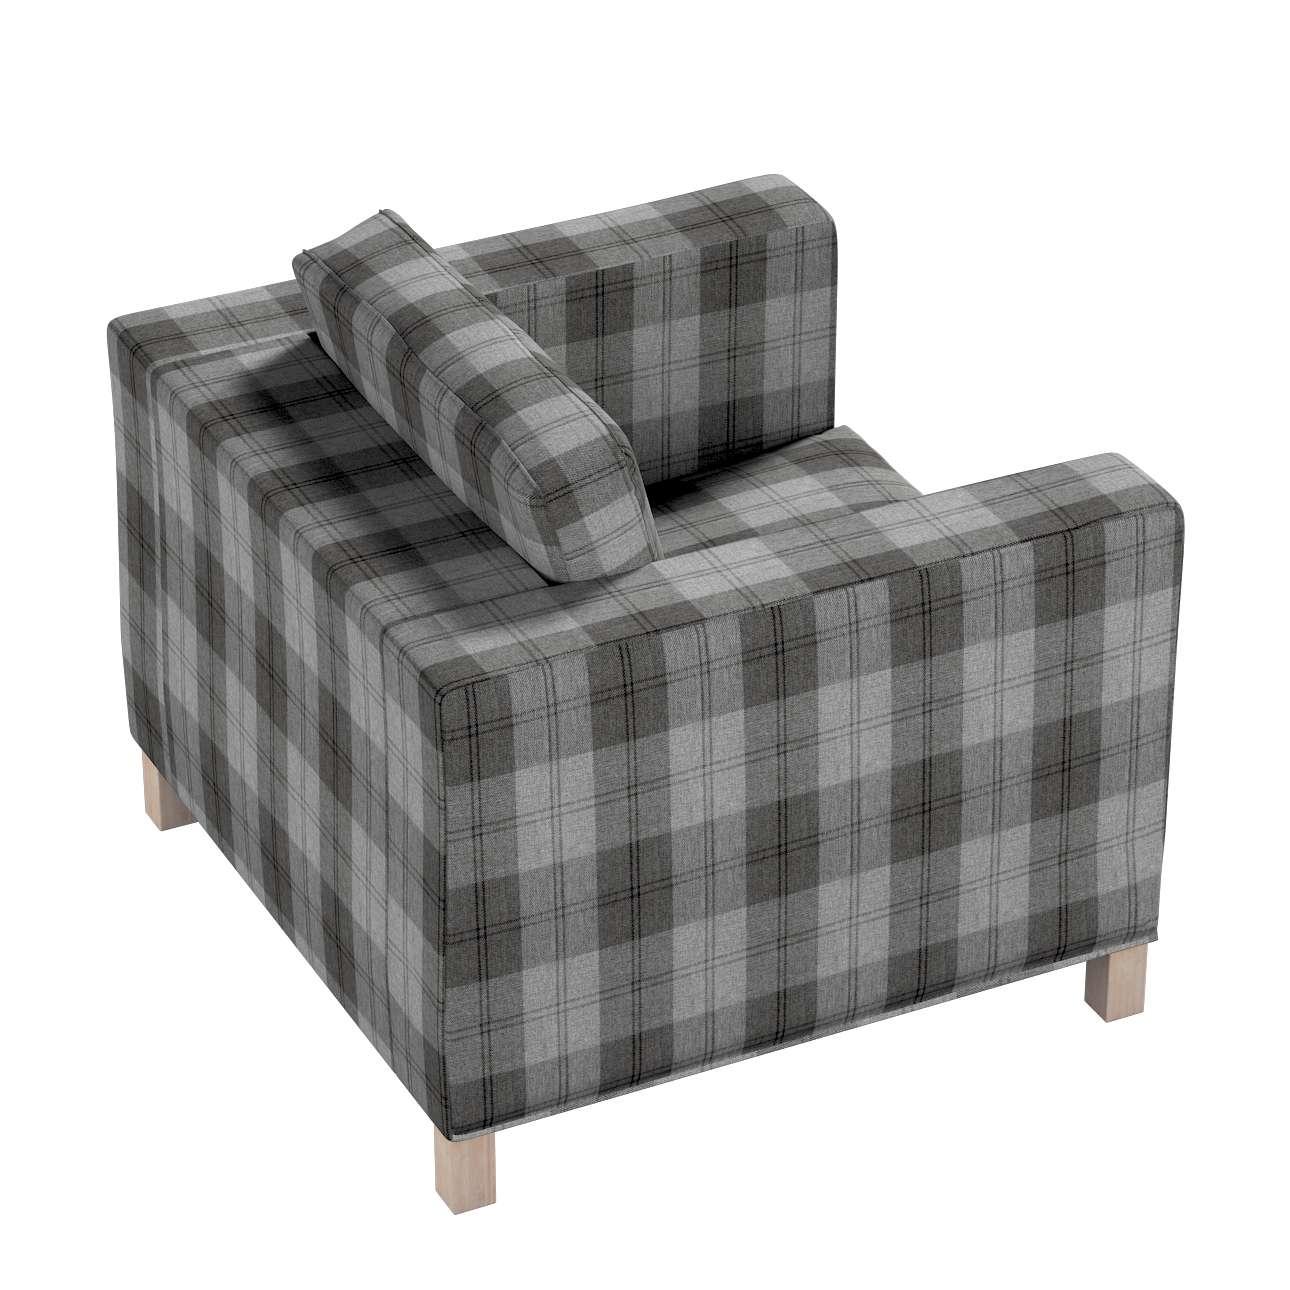 Pokrowiec na fotel Karlanda, krótki w kolekcji Edinburgh, tkanina: 115-75